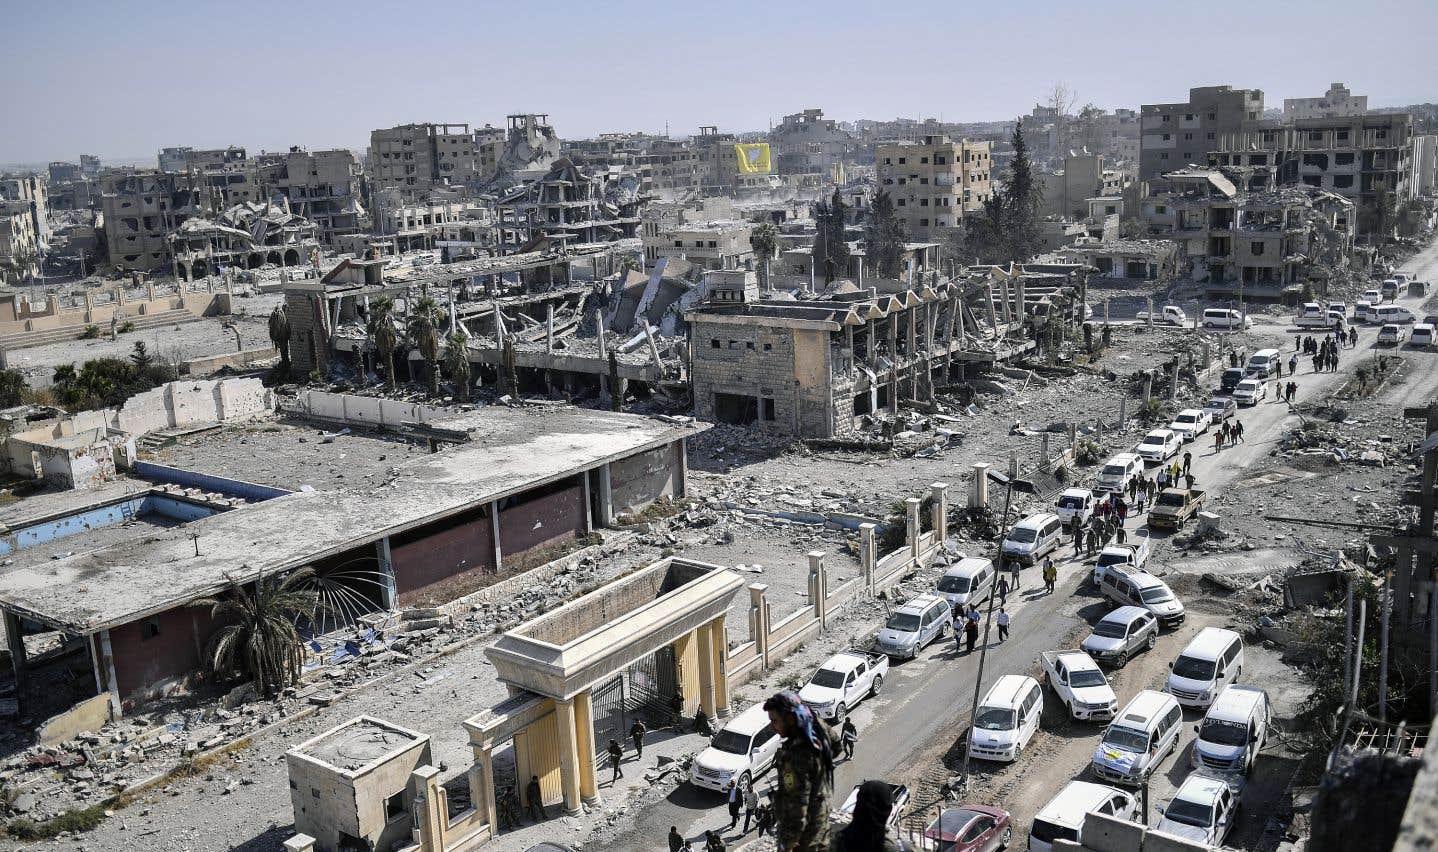 Des centaines de membres du groupe État islamique «évacués» de Raqqa